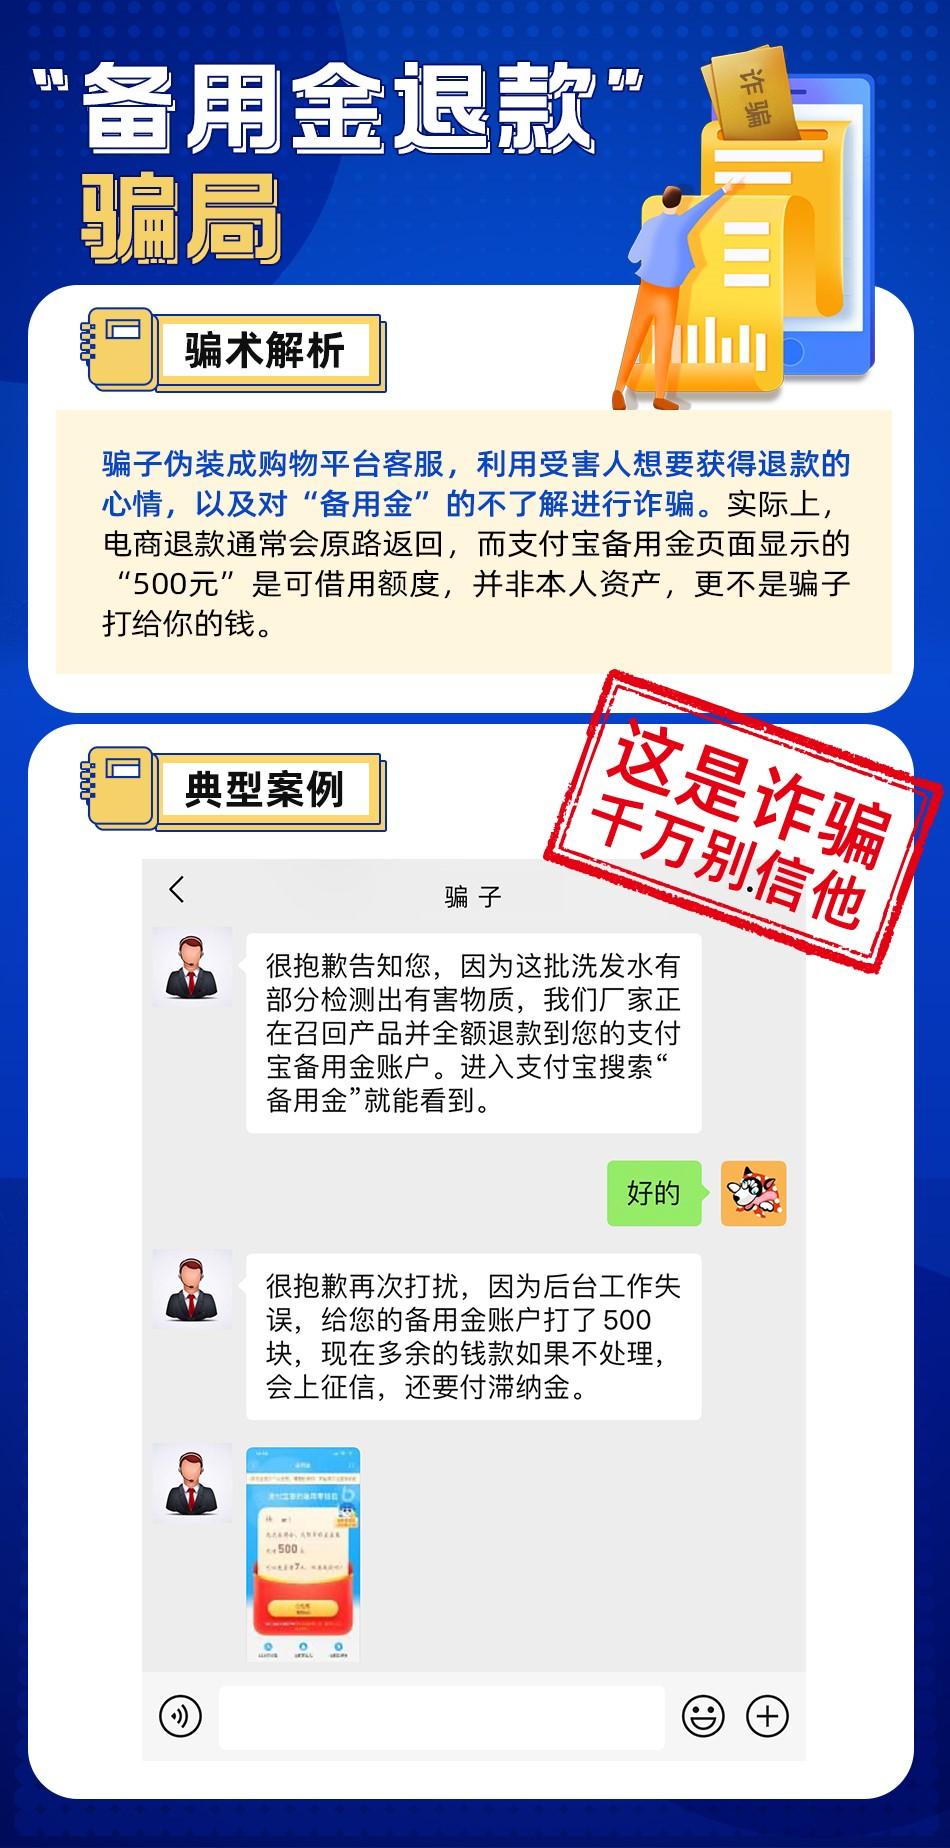 花呗借呗发出反诈骗提醒:这4种新型骗局千万别上当! (2).jpg